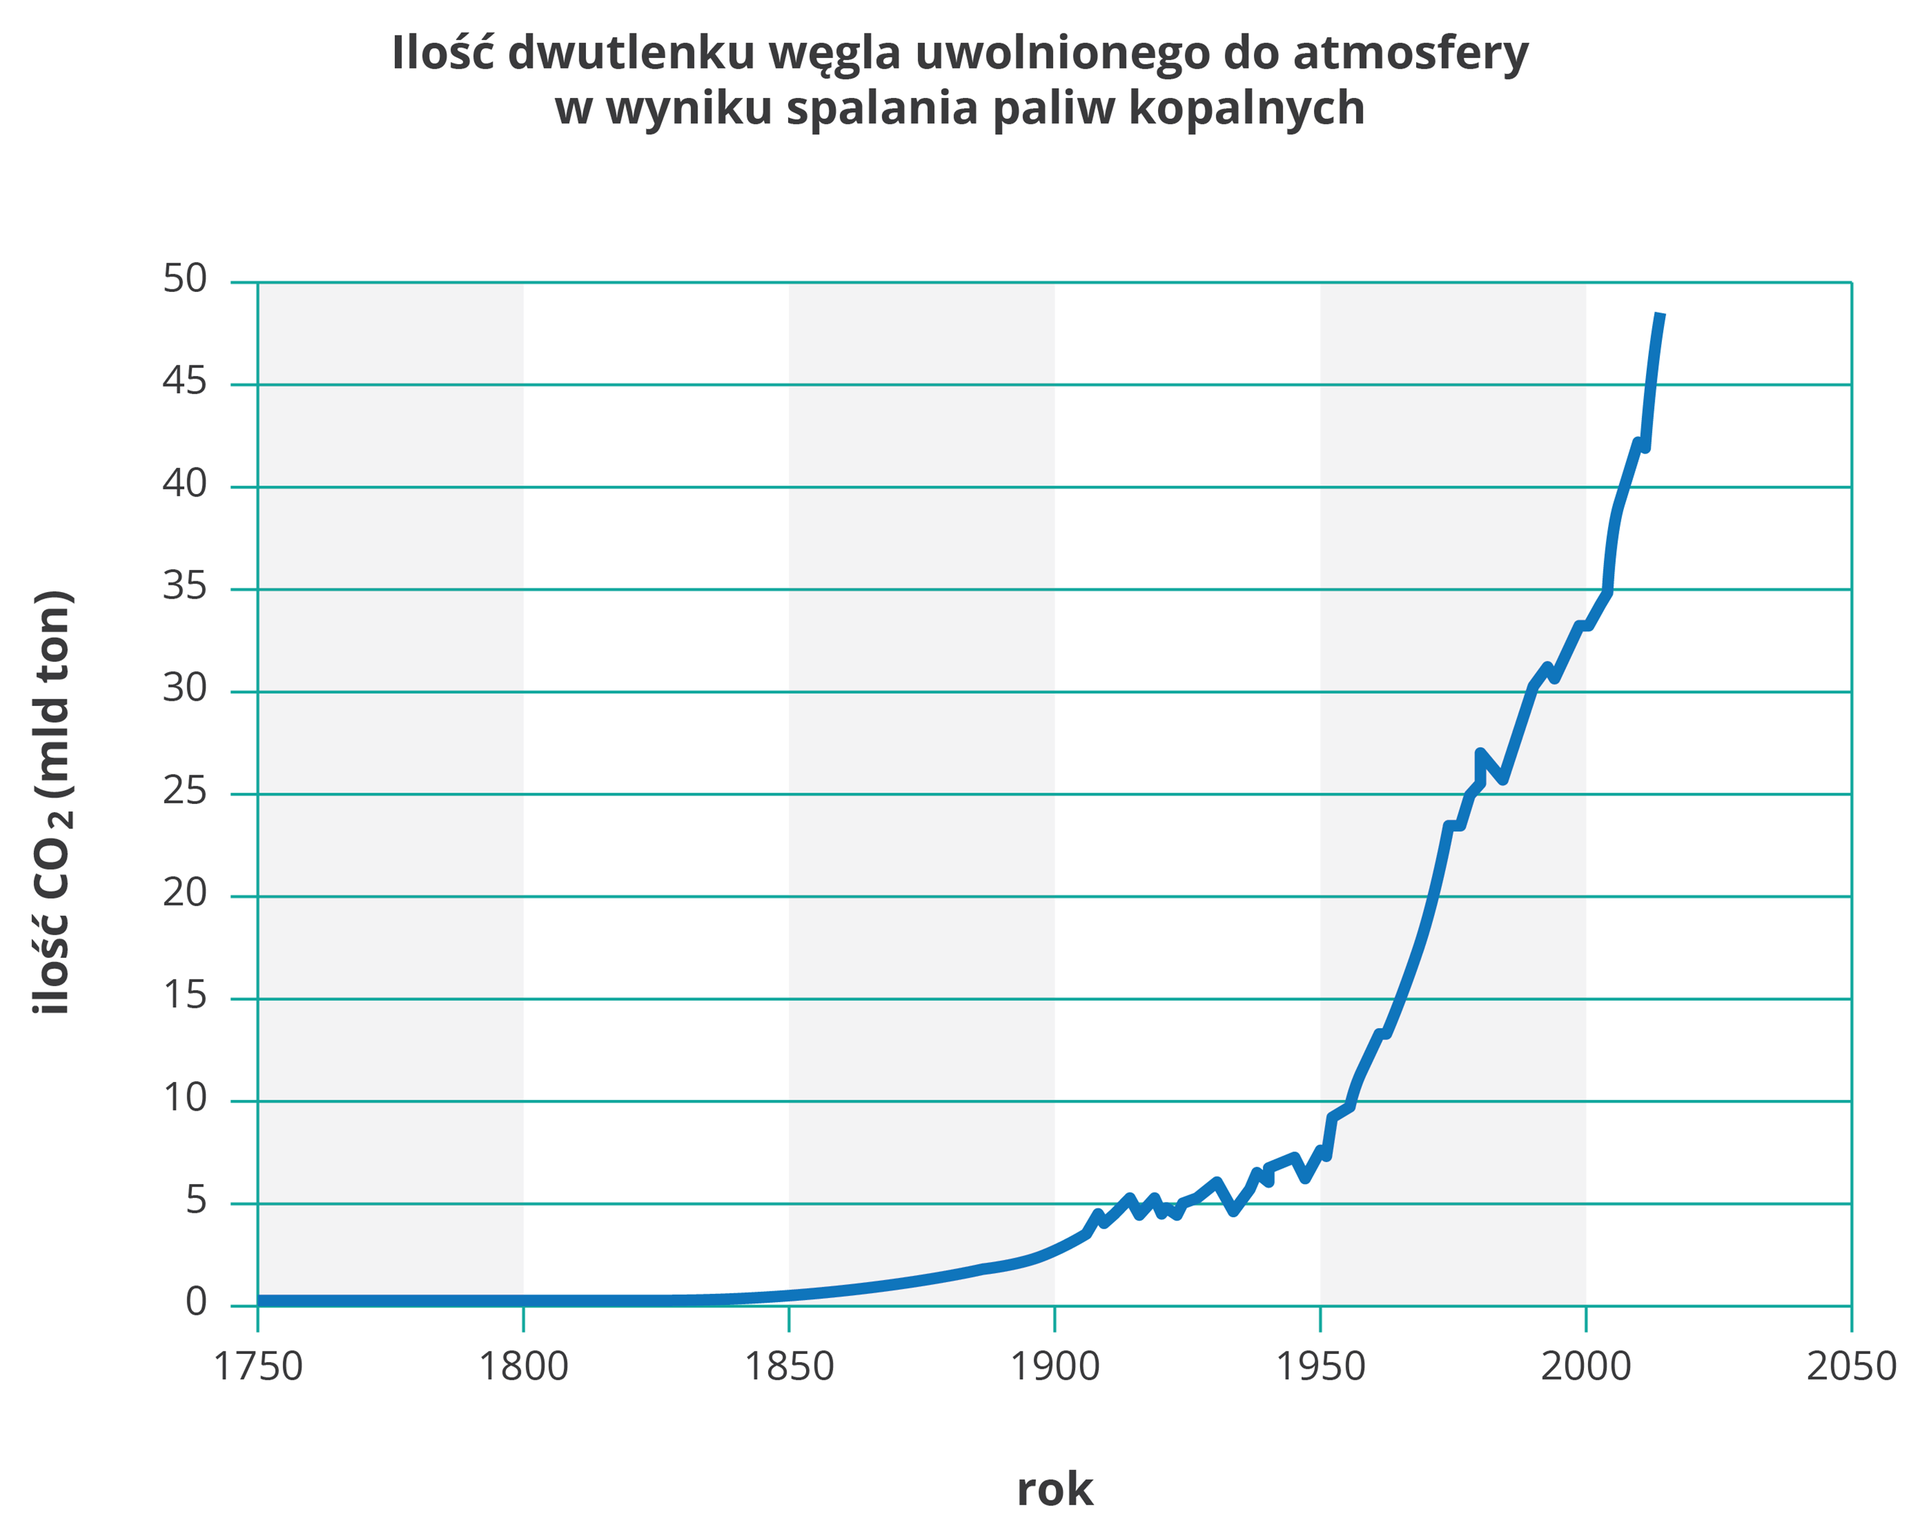 Wykres liniowy przedstawia niebieską krzywą. Obrazuje ona wzrost ilości dwutlenku węgla, uwalnianego do atmosfery wwyniku spalania paliw kopalnych. Na osi Yilość CO2 wmiliardach ton. Na osi Xlata od 1750 do 2050 wpodziałce co 50 lat. Po roku 1950 zaczął się gwałtowny wzrost ilości dwutlenku węgla watmosferze.